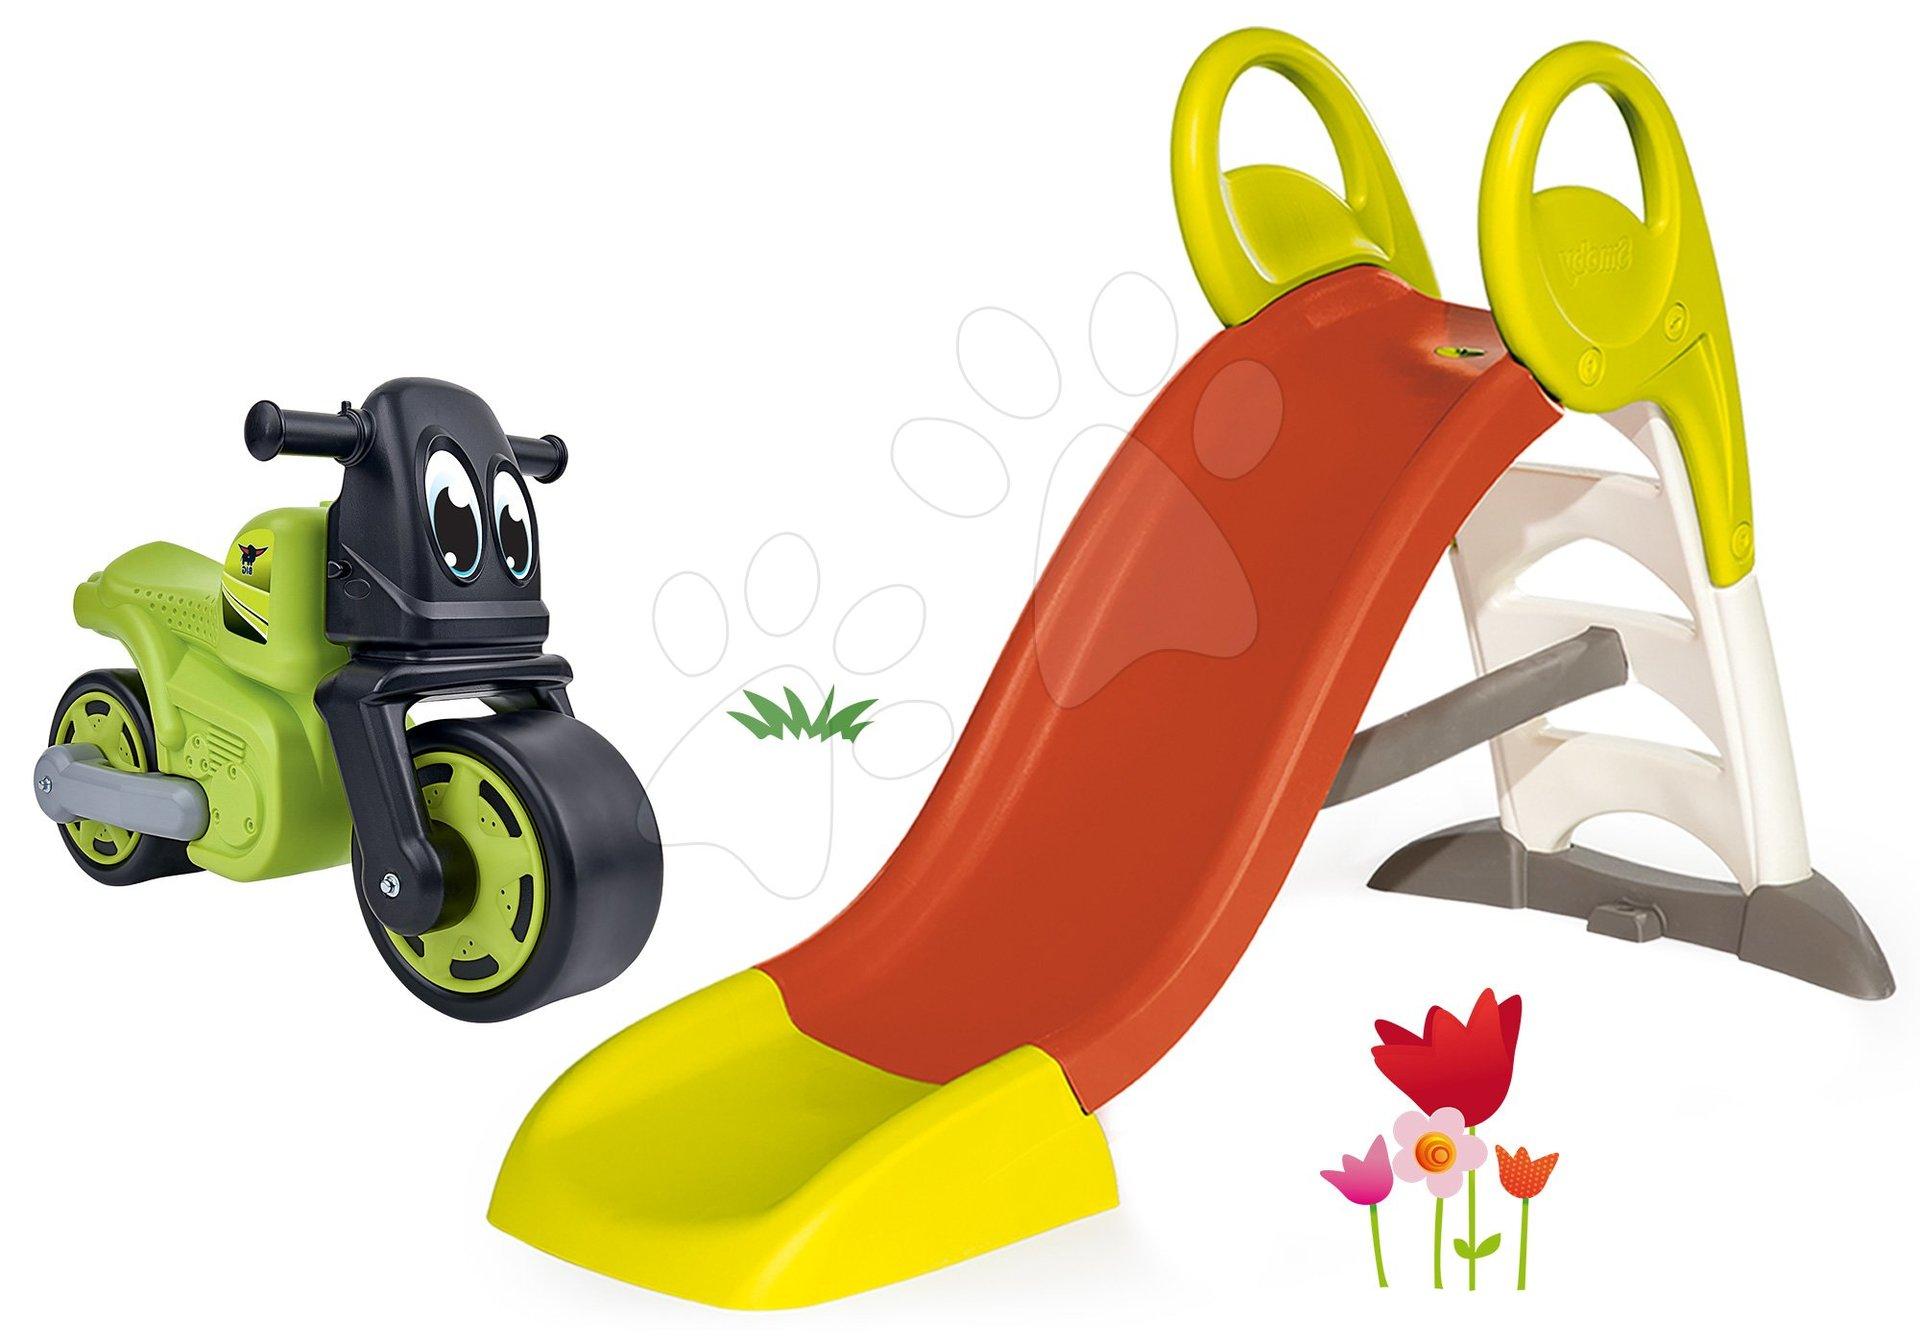 Smoby set dětská skluzavka Toboggan KS a BIG odrážedlo Racing Bike 310262-12